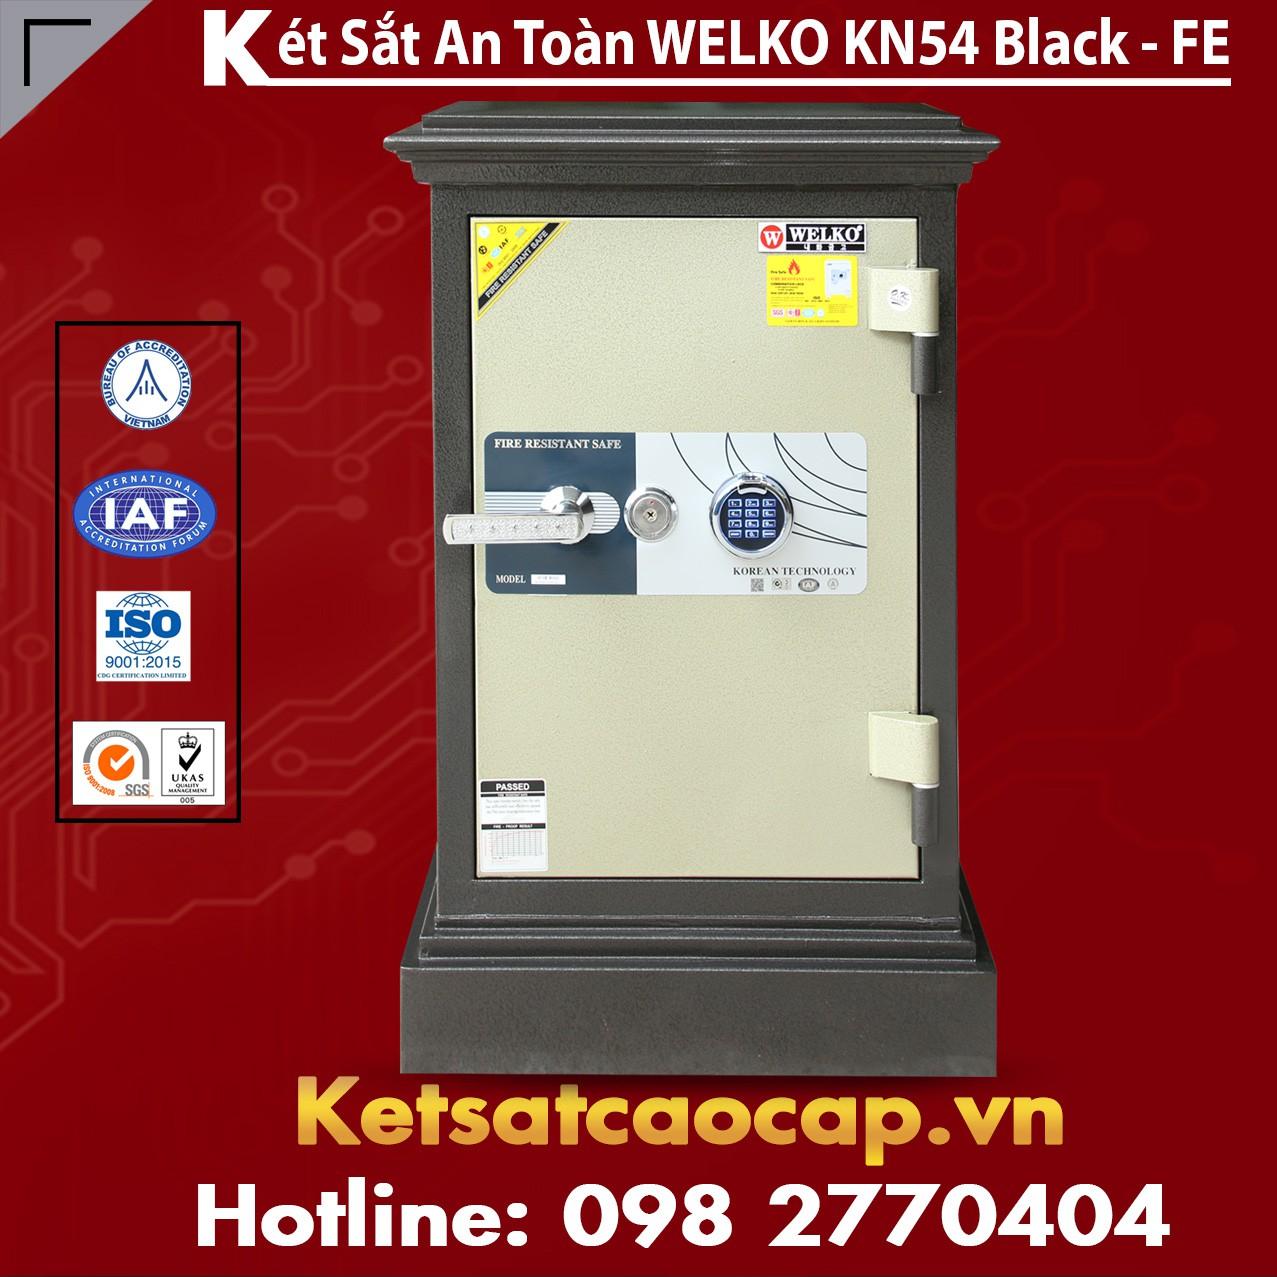 Két Sắt Nhật Bản KN54 Black - FE